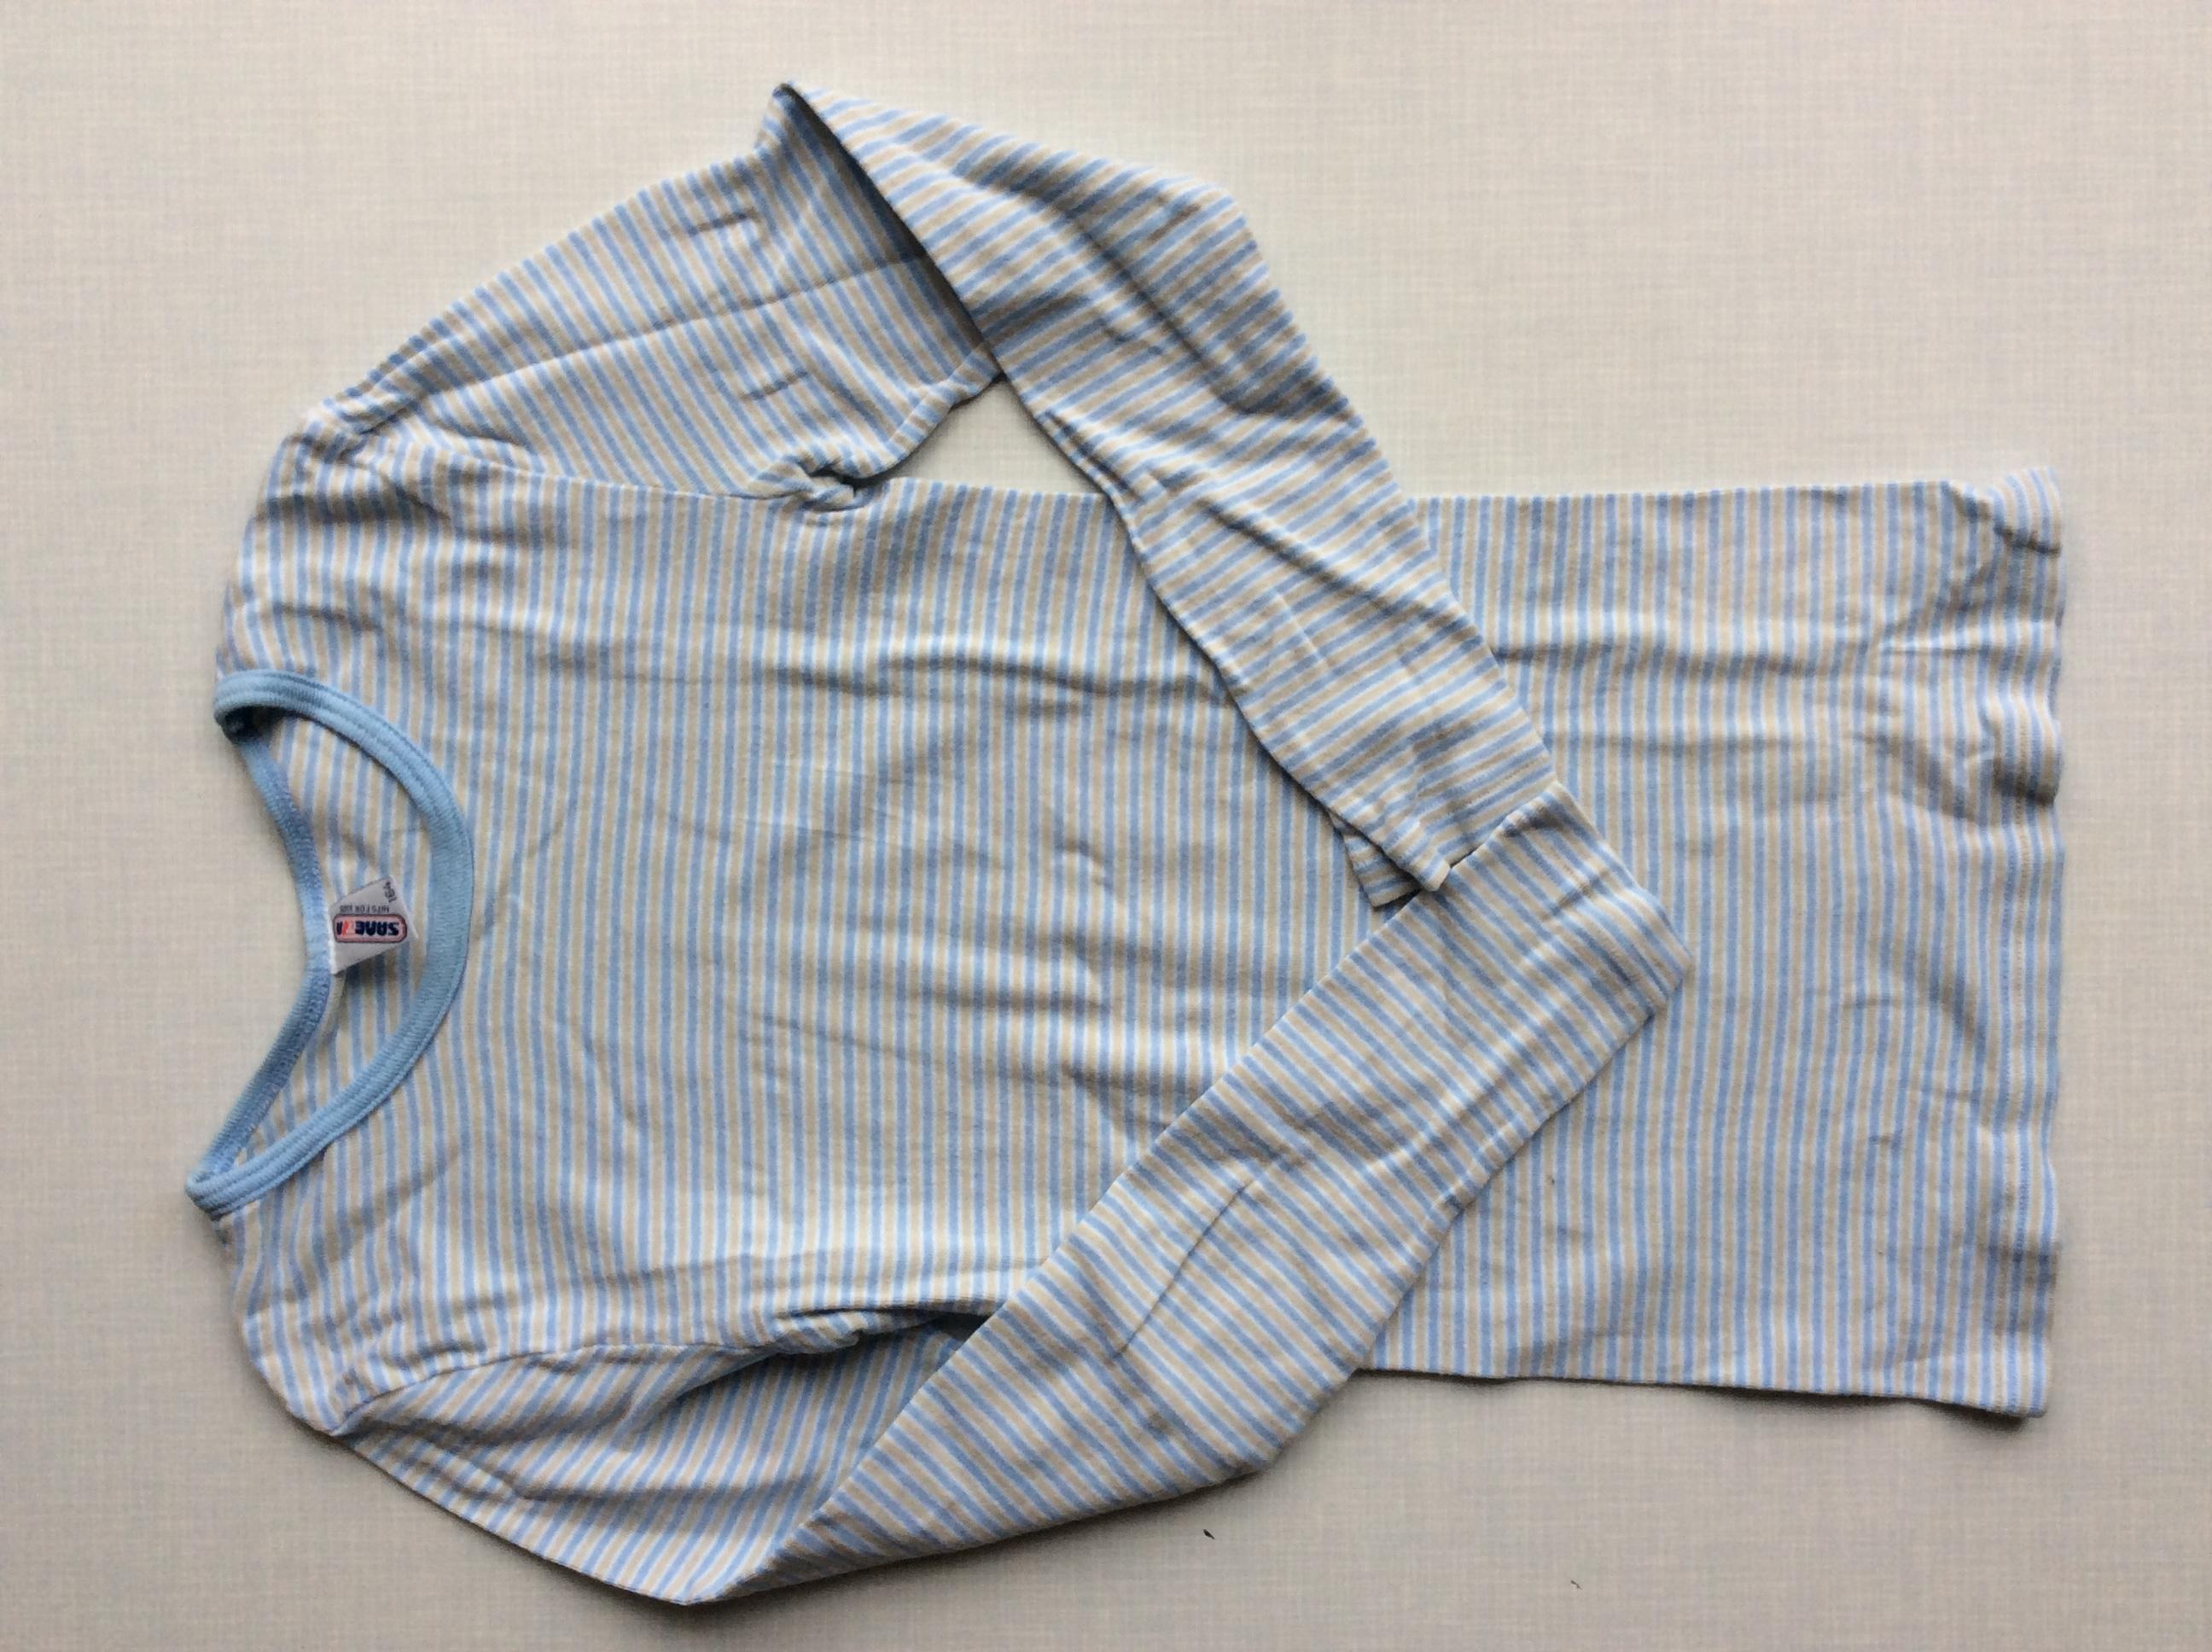 Unterhemd, langärmlig, Gr 164,  tauschen